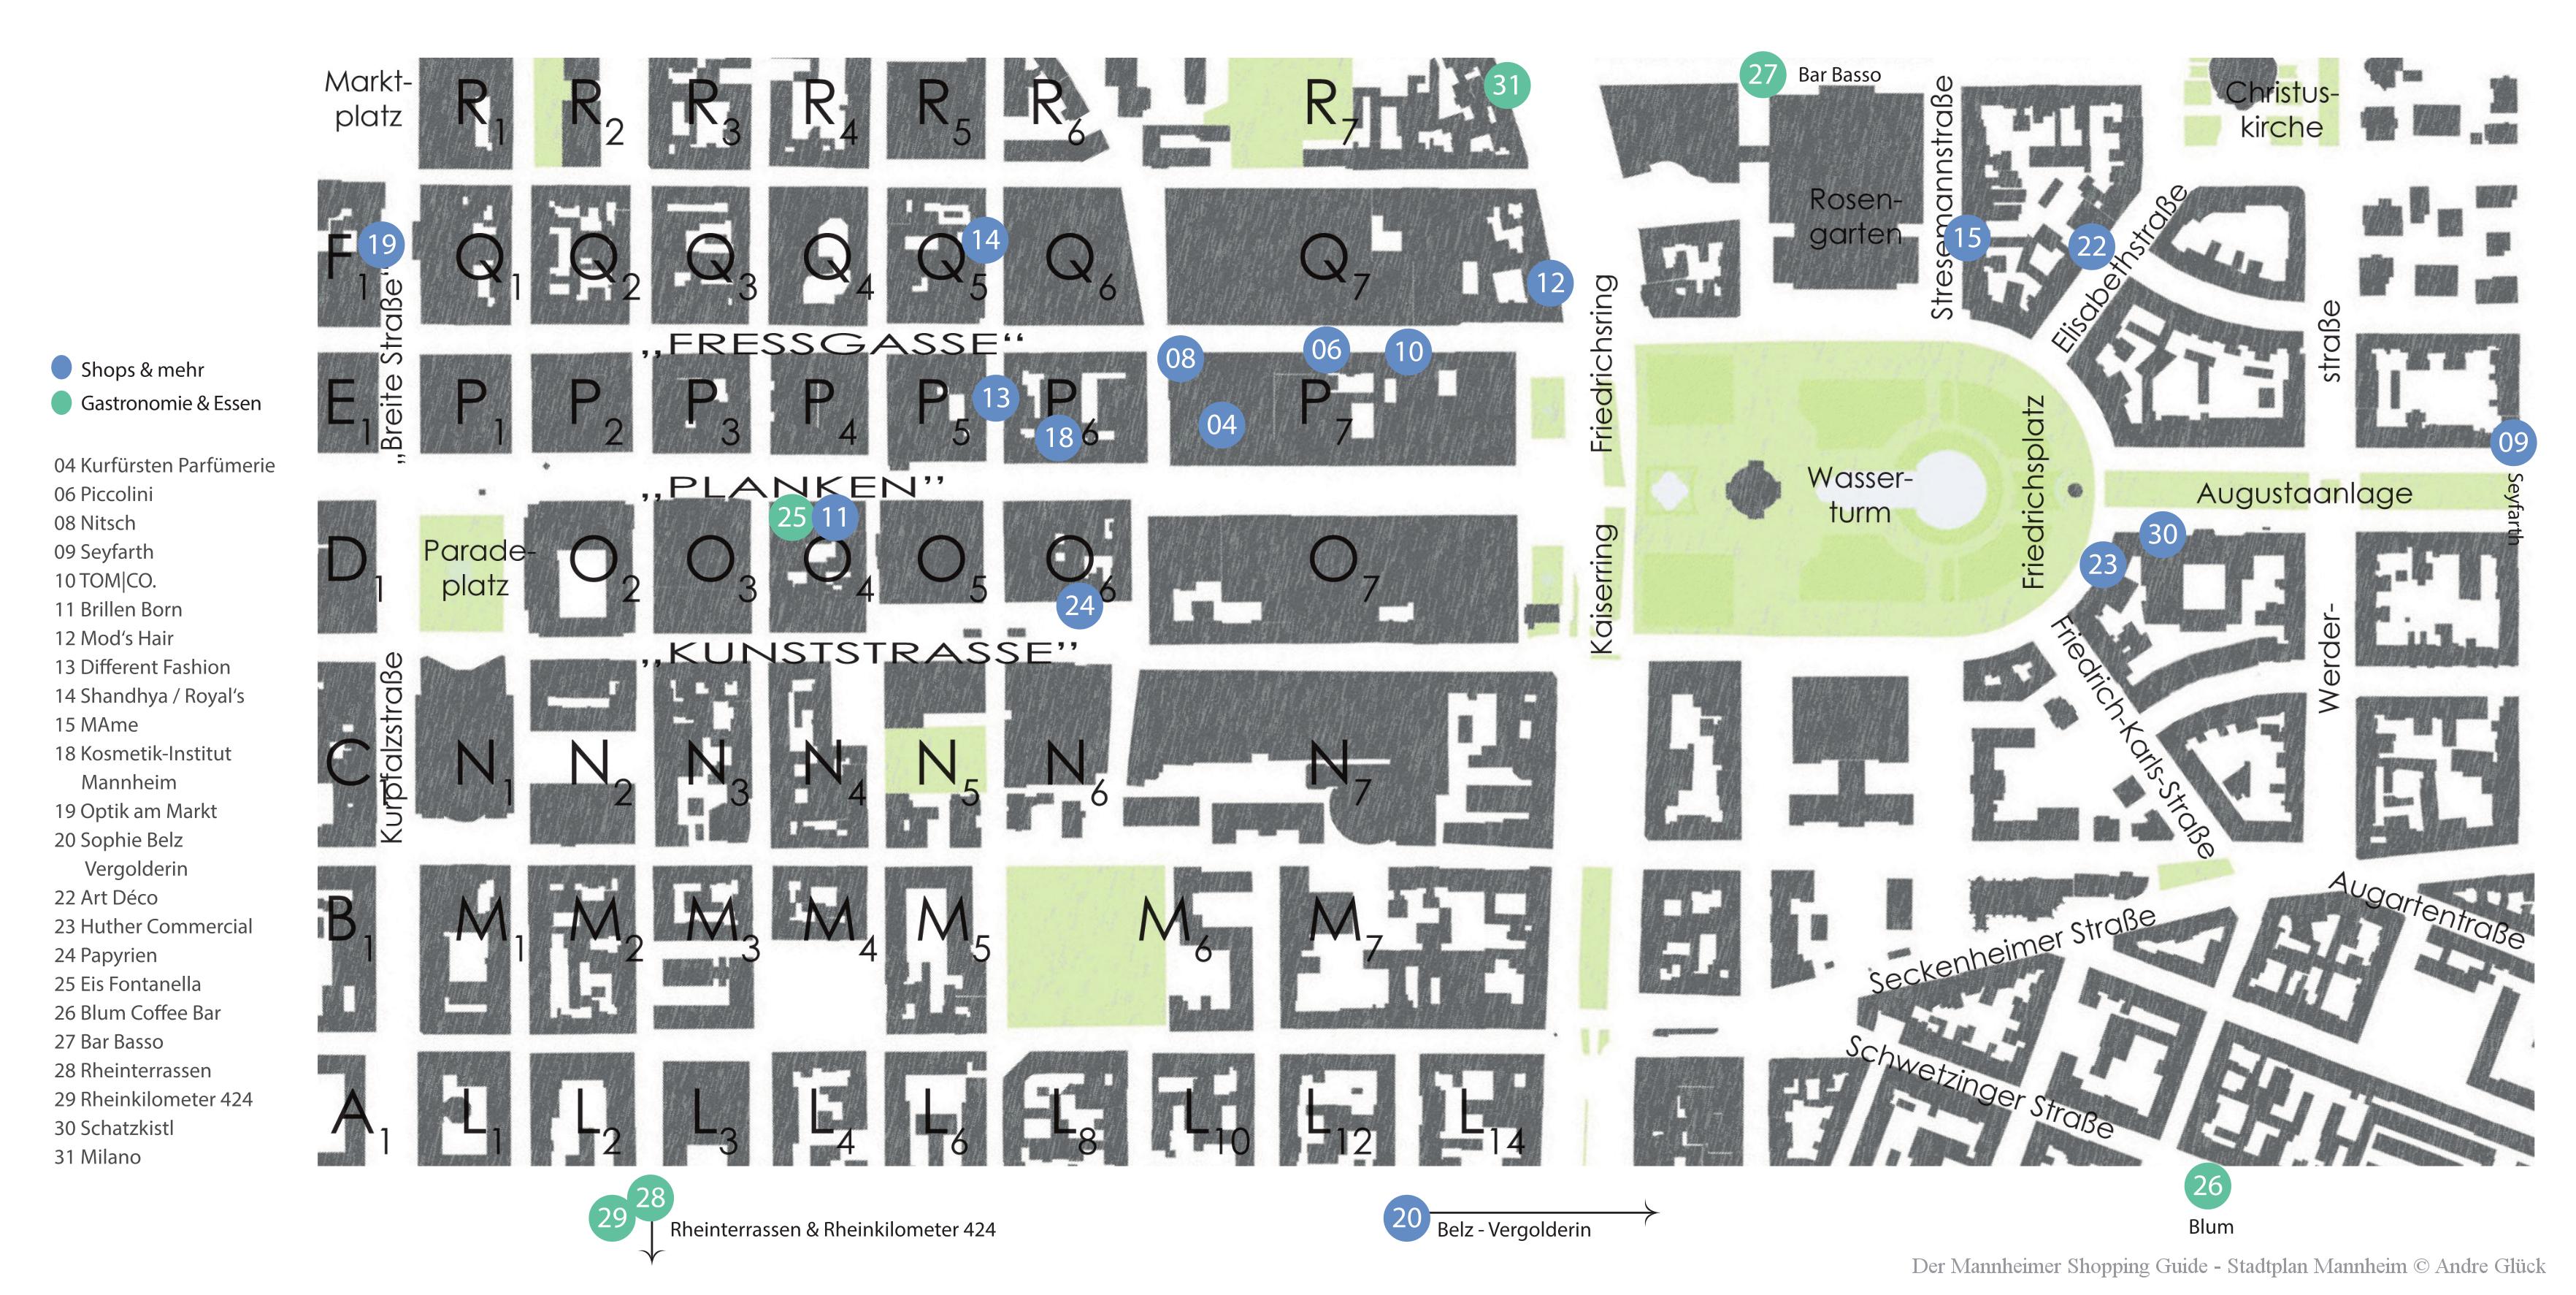 Shopping Guide Stadtplan Mannheim